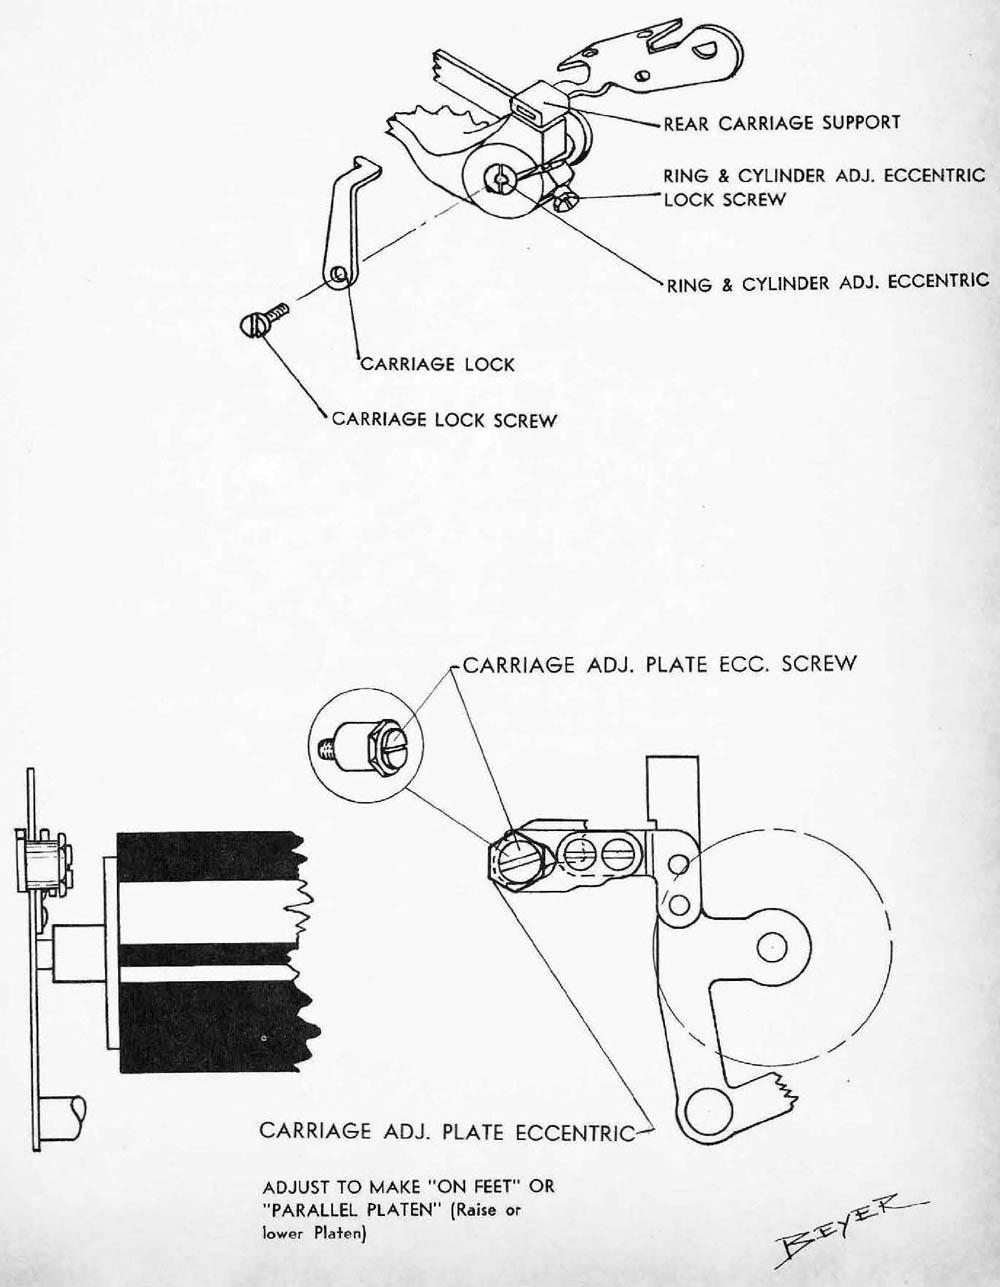 repair manual baileys user guide manual that easy to read u2022 rh sibere co  12h802 service manual